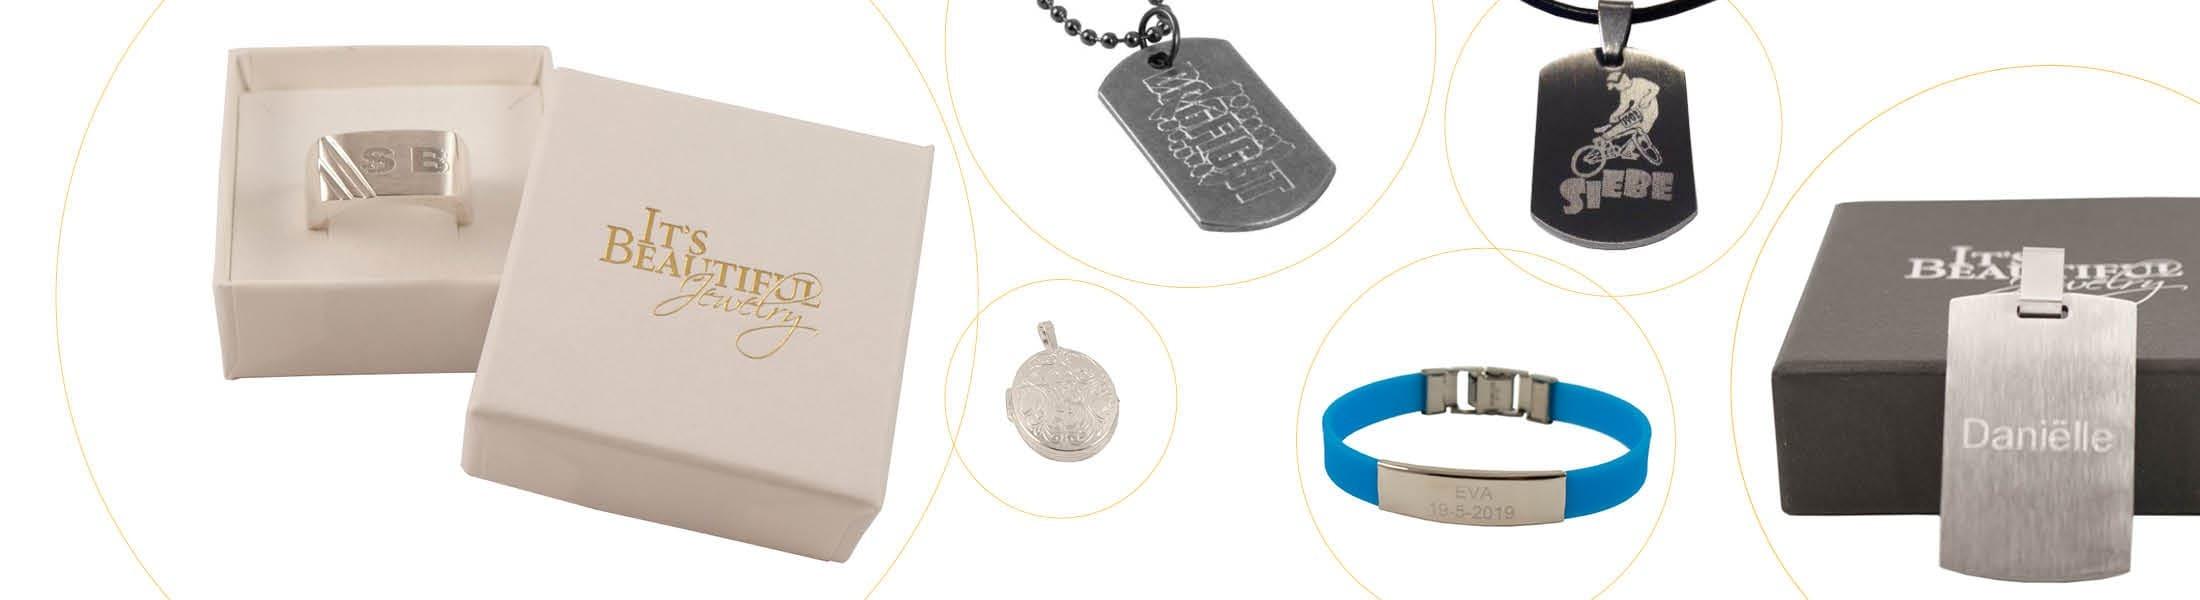 1) Laat de mooiste sieraden graveren met jouw foto, logo of tekst.